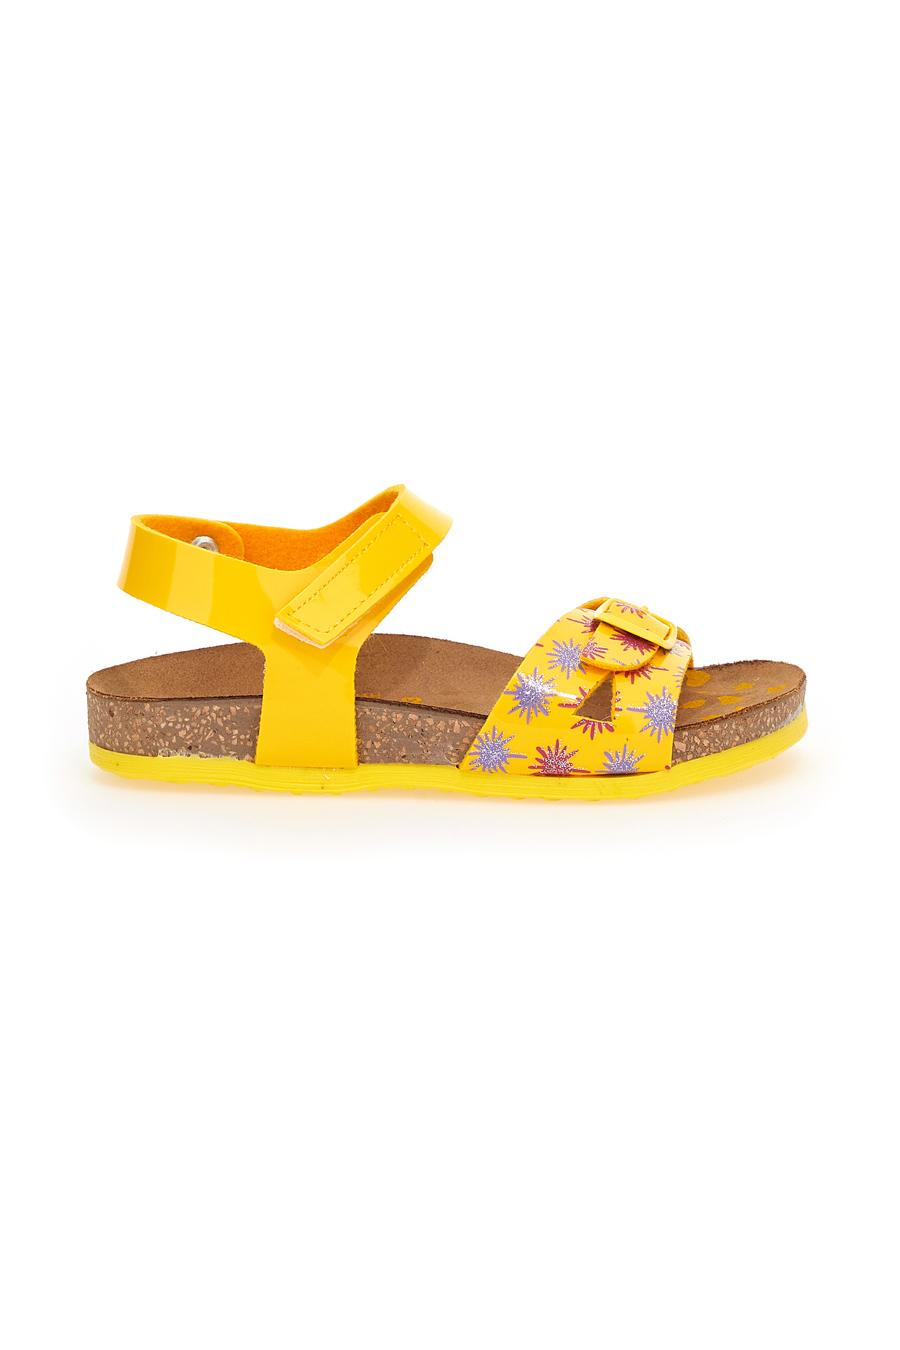 SANDALI bambina giallo PITTARELLO 257183 | Pittarello